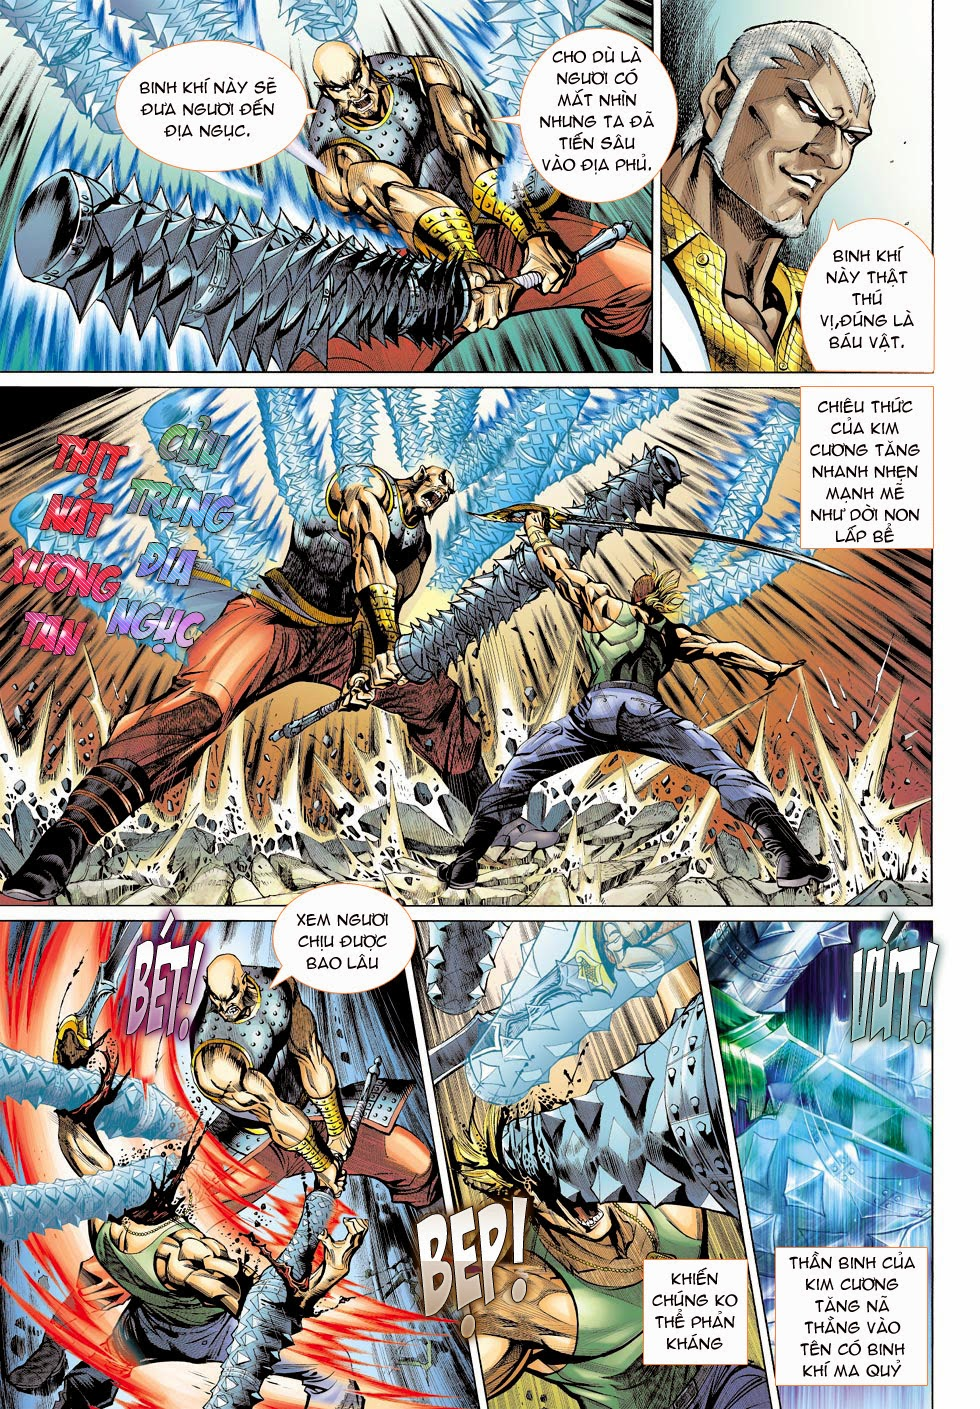 Thần Binh 4 chap 25 - Trang 15